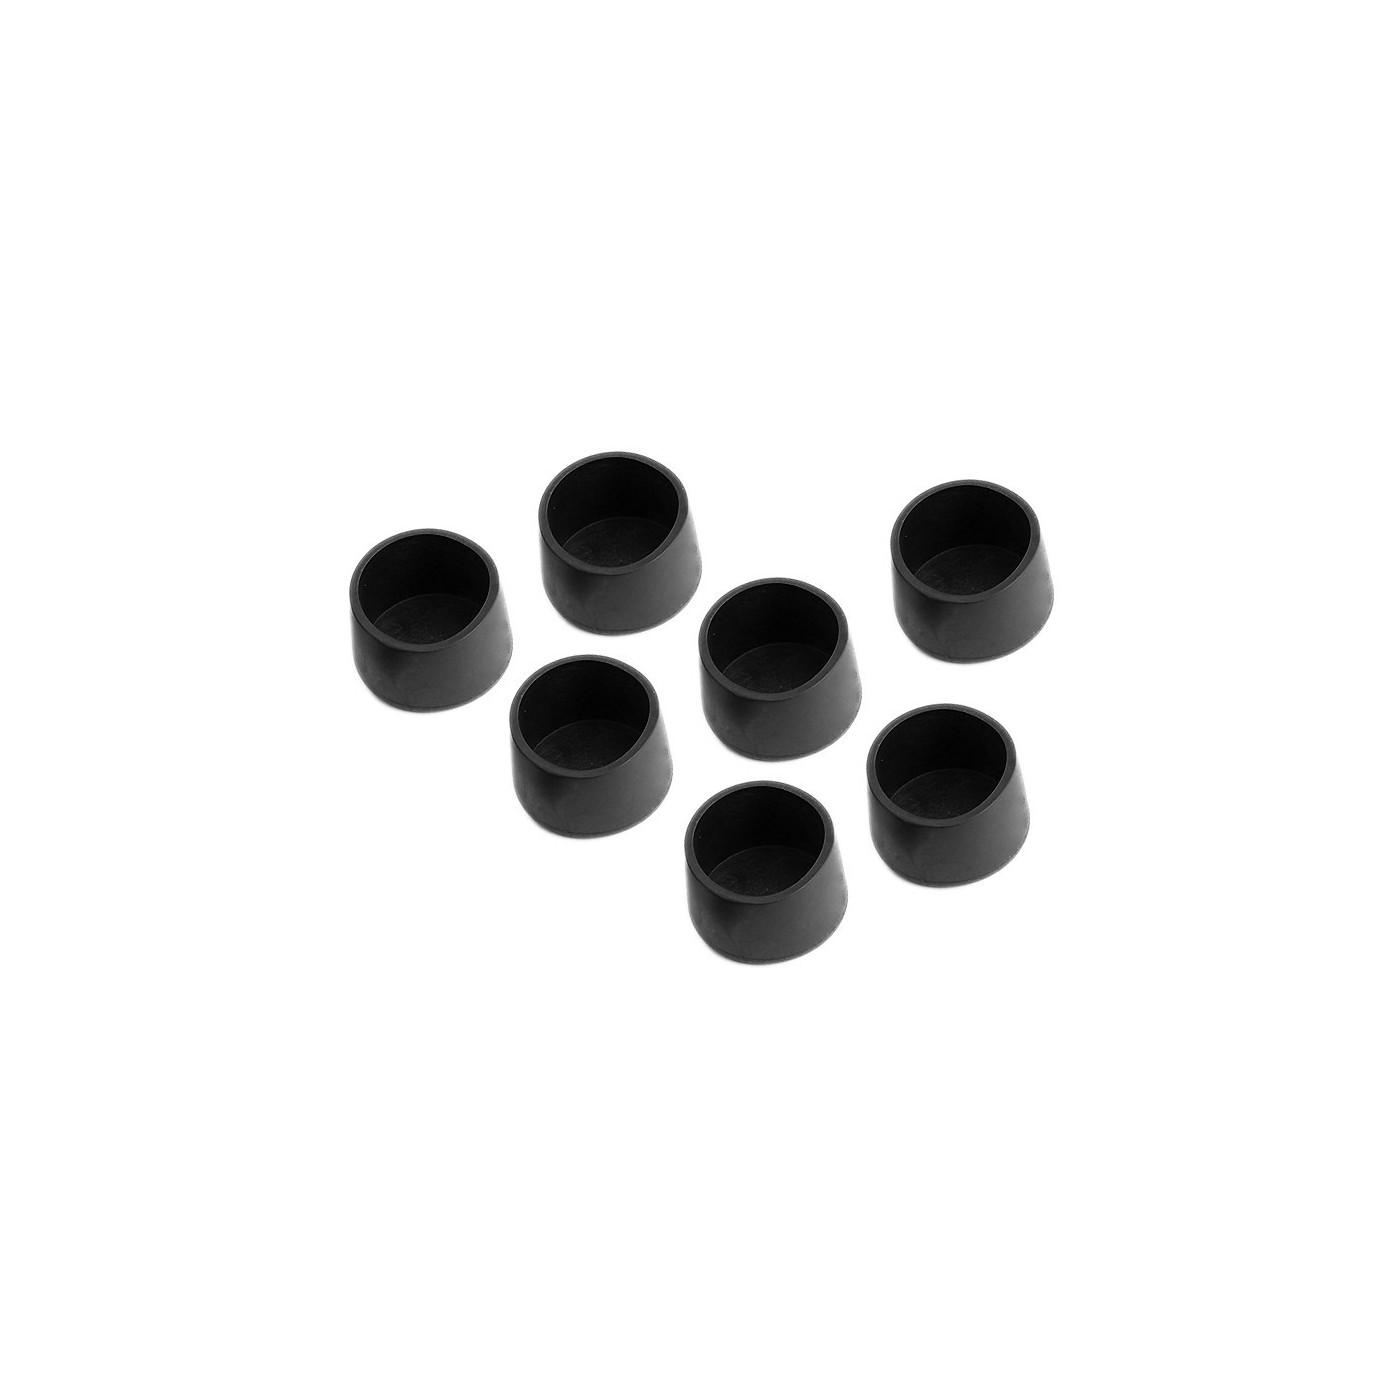 Set van 32 siliconen stoelpootdoppen (omdop, rond, 40 mm, zwart) [O-RO-40-B]  - 1